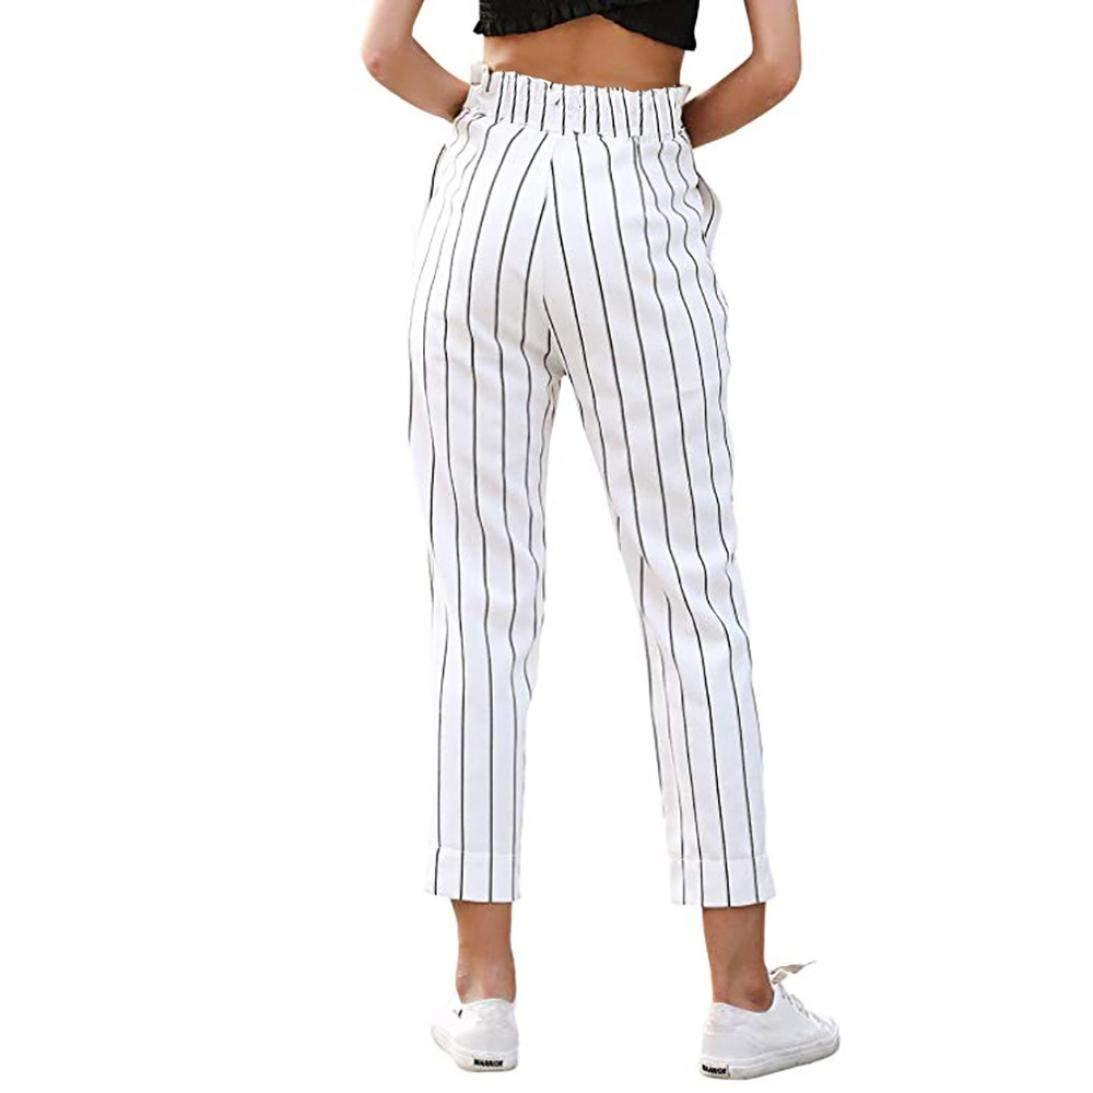 66ce46aafd72 Pantalons Taille Pantalons en Jersey Pantalons Fashion Élastique Larges  DÉté pour Femmes Pantalons en Dentelle Pantalons ...